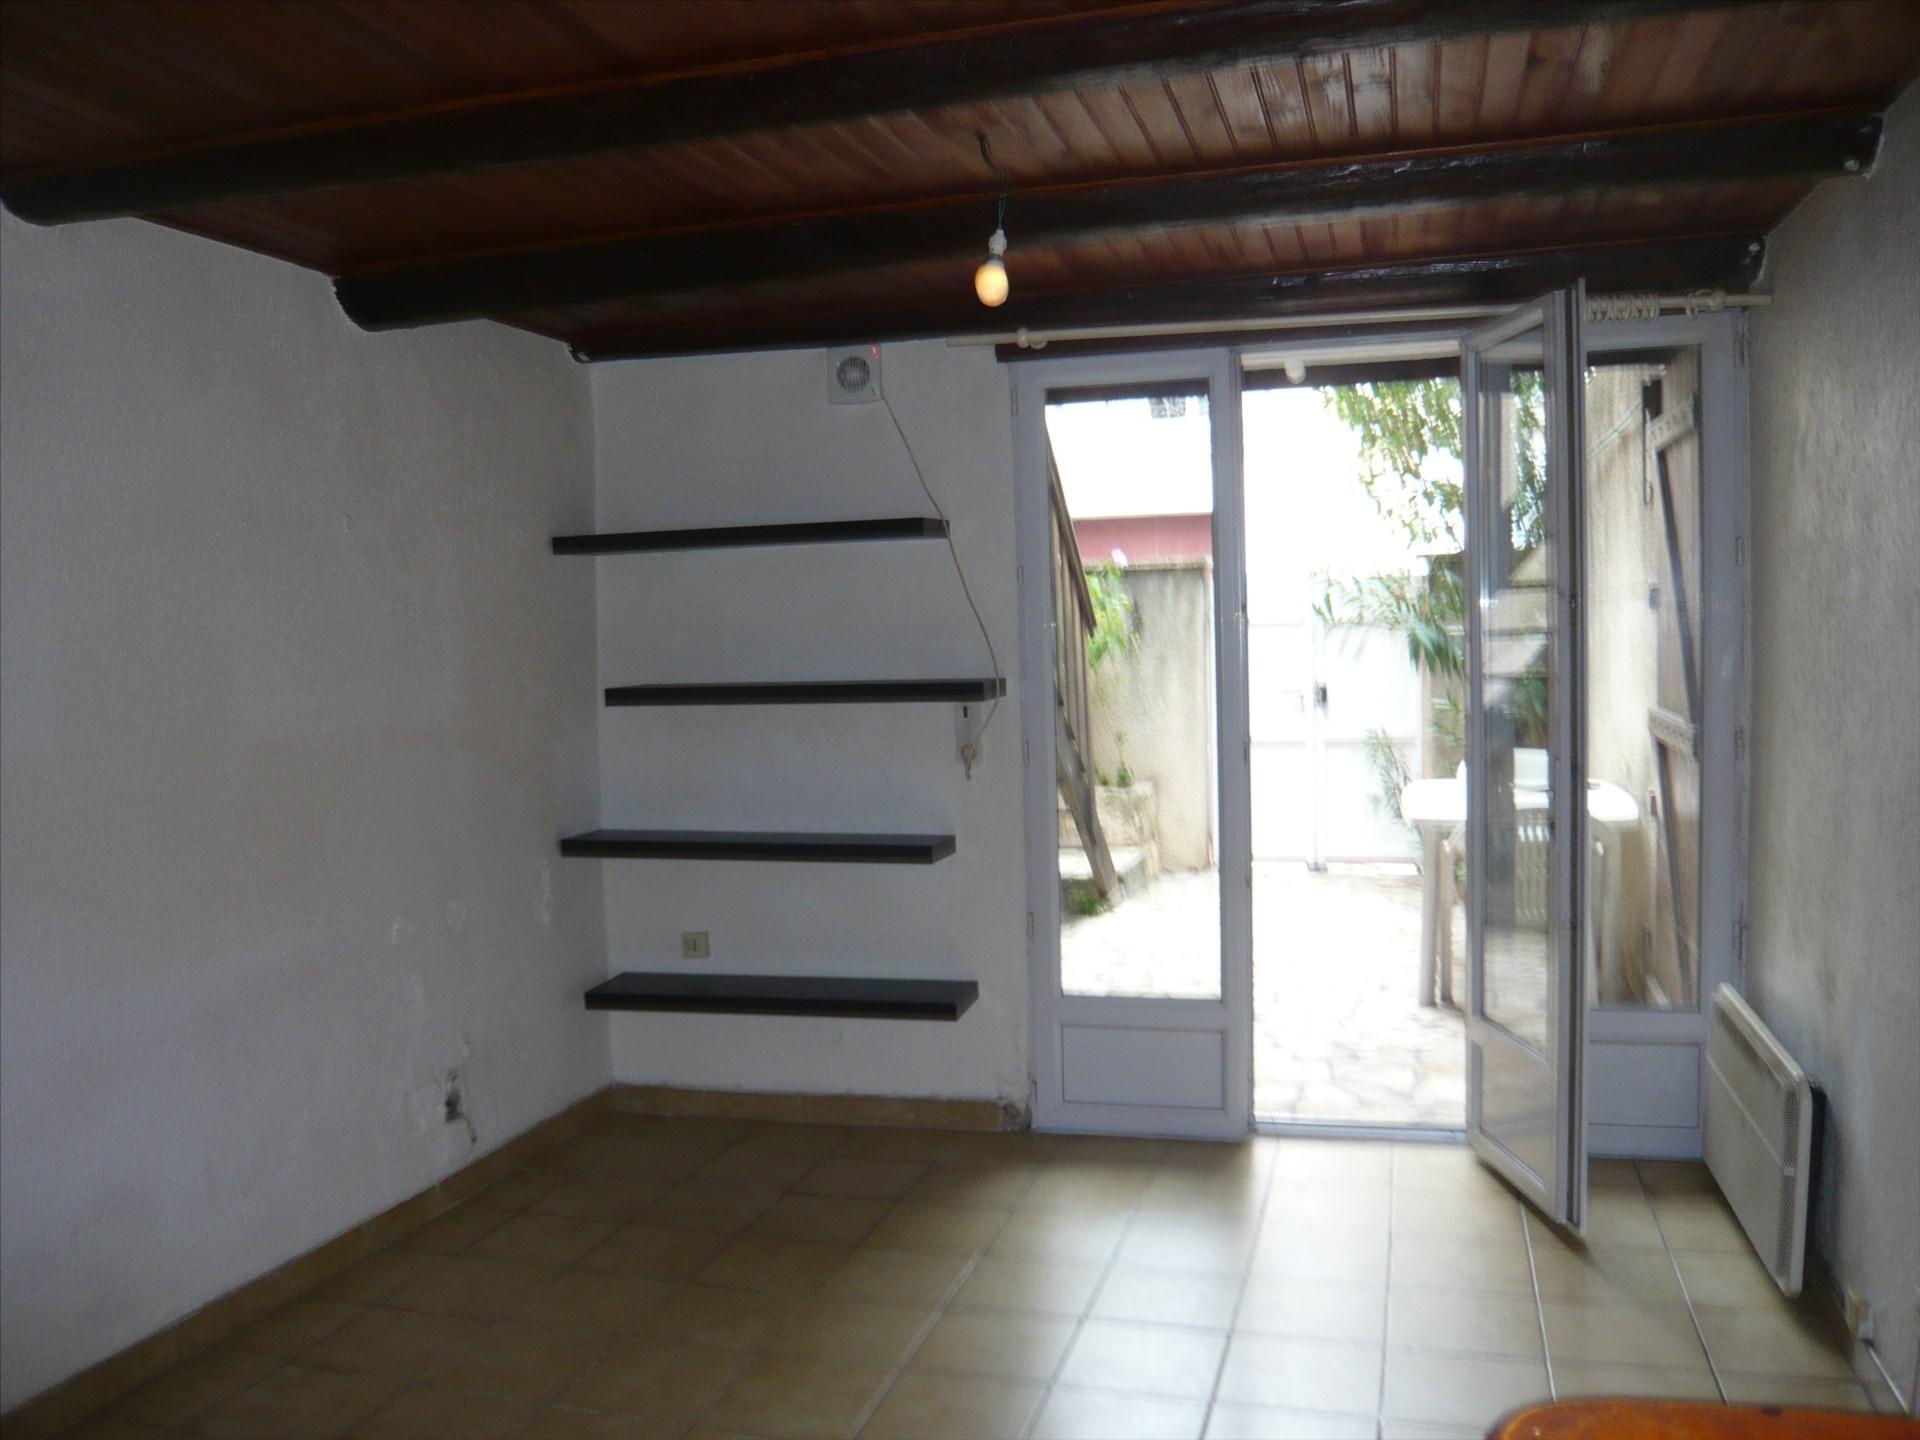 Location Appartement MONTPELLIER surface habitable de 28.3 m²